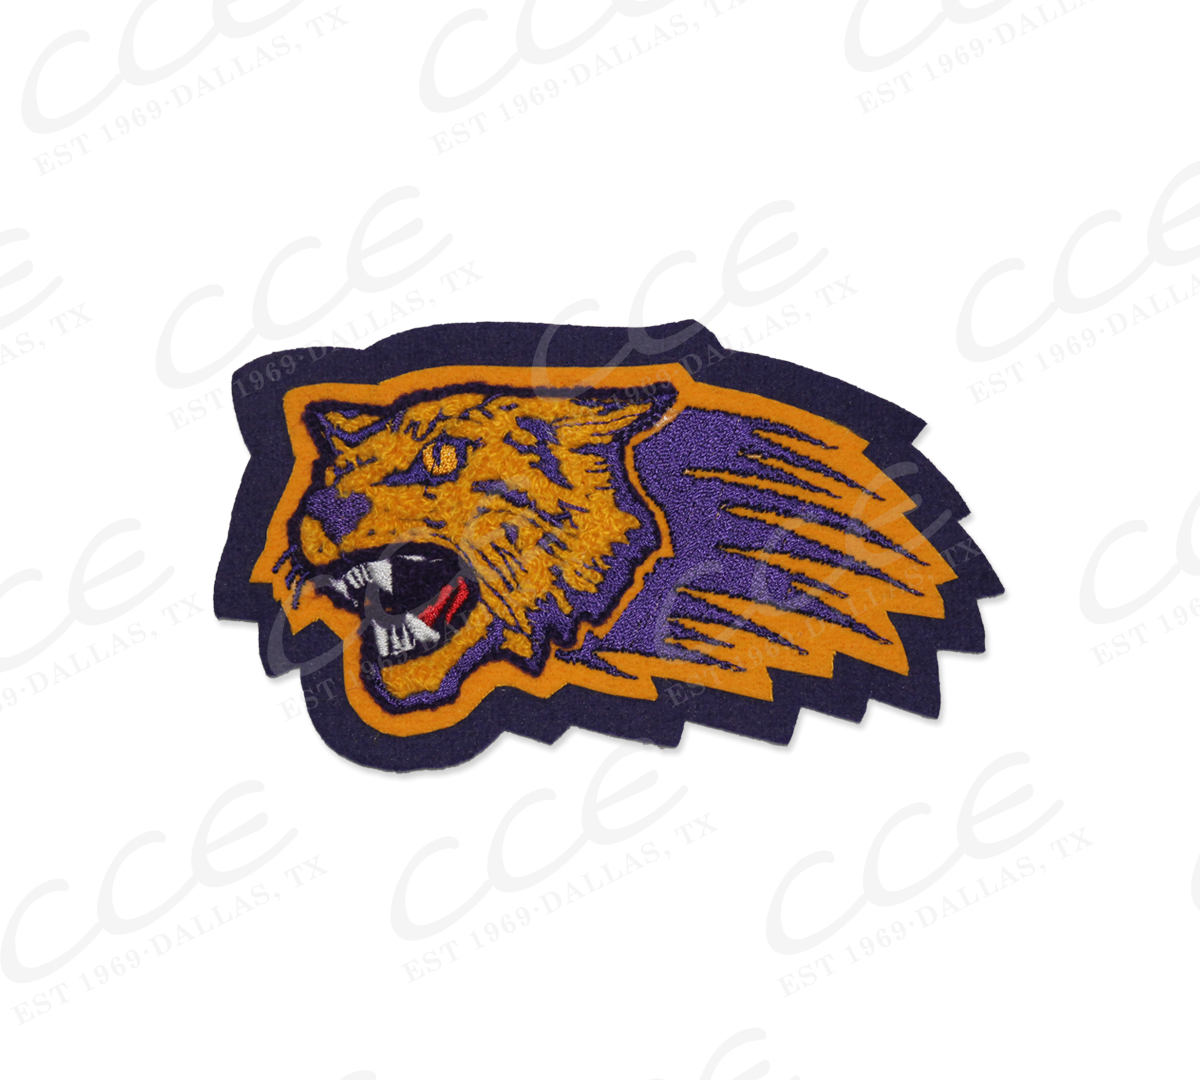 Wildcat school mascot clipart clip transparent download Godley HS Wildcats Sleeve Mascot clip transparent download